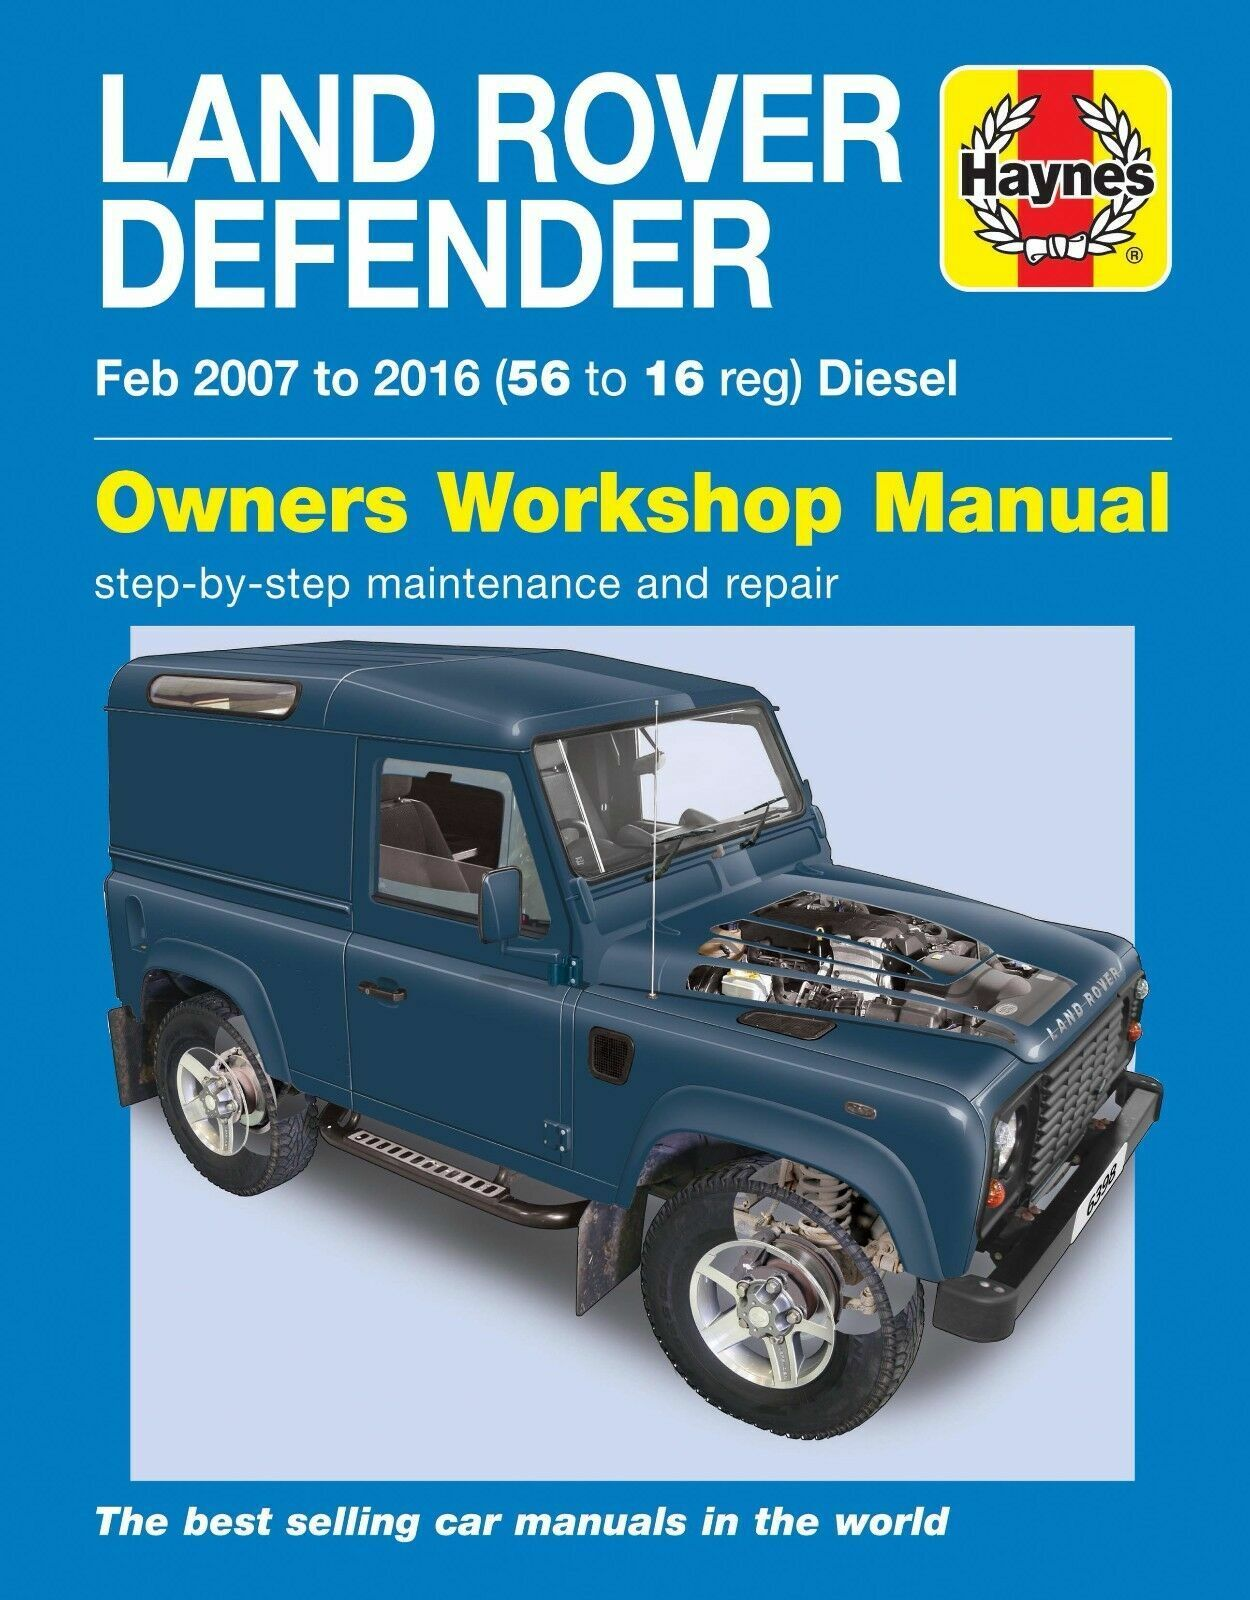 Haynes Manual 6398 Land Rover Defender 90 110 130 Diesel 2007 - 2016